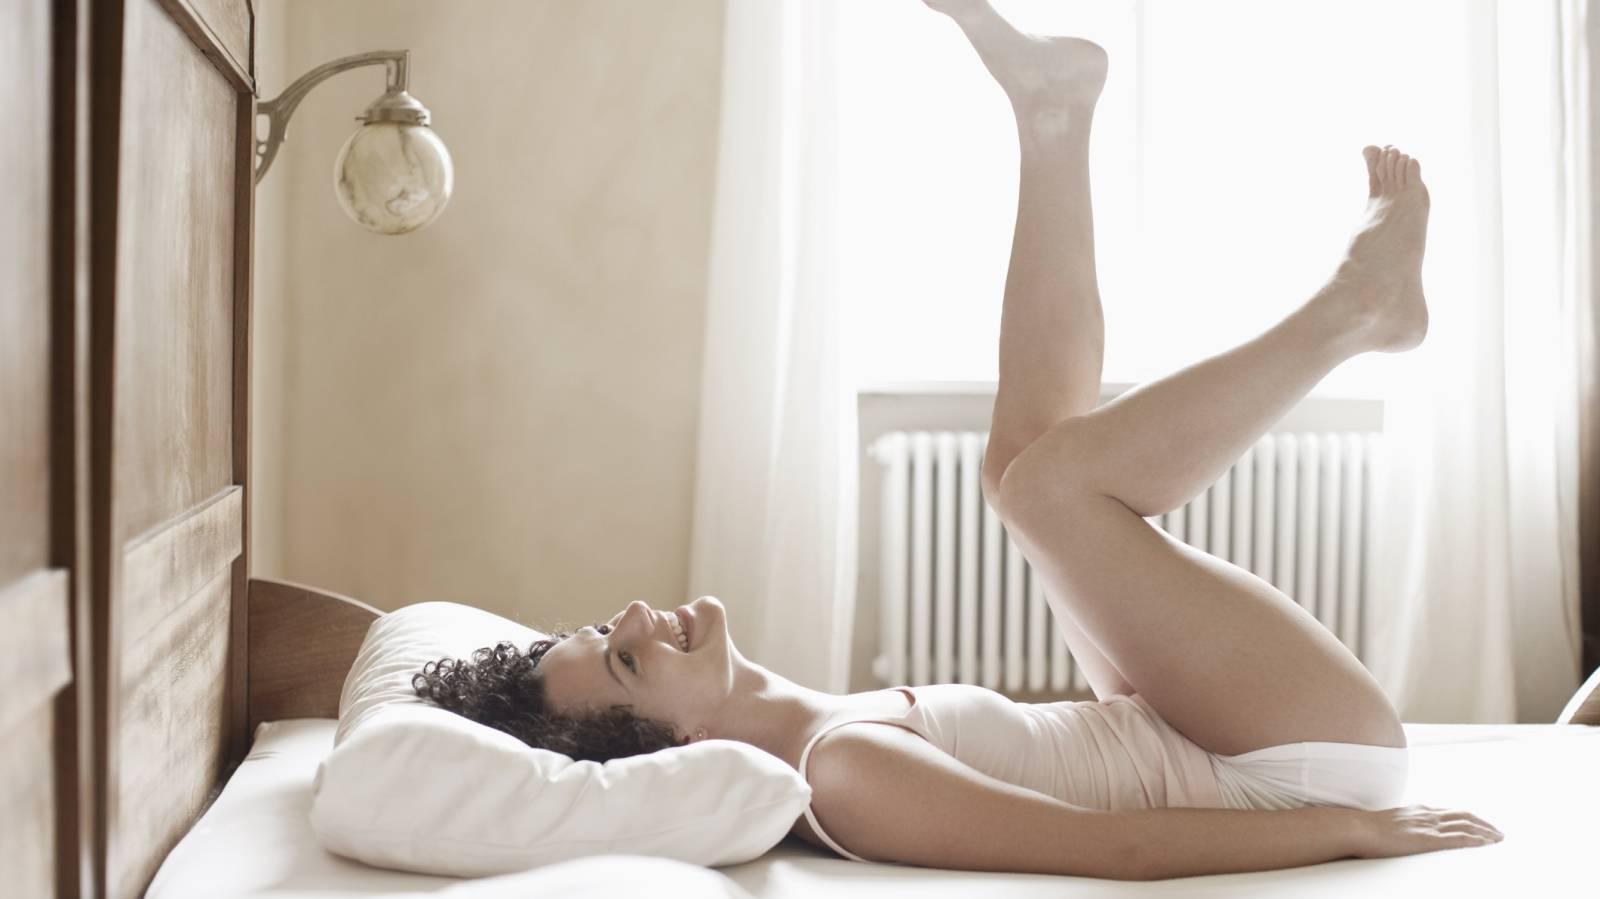 柔らかく筋力と弾力のある「膣」を作るための2つのヒント【女性のためのヨガ知識】